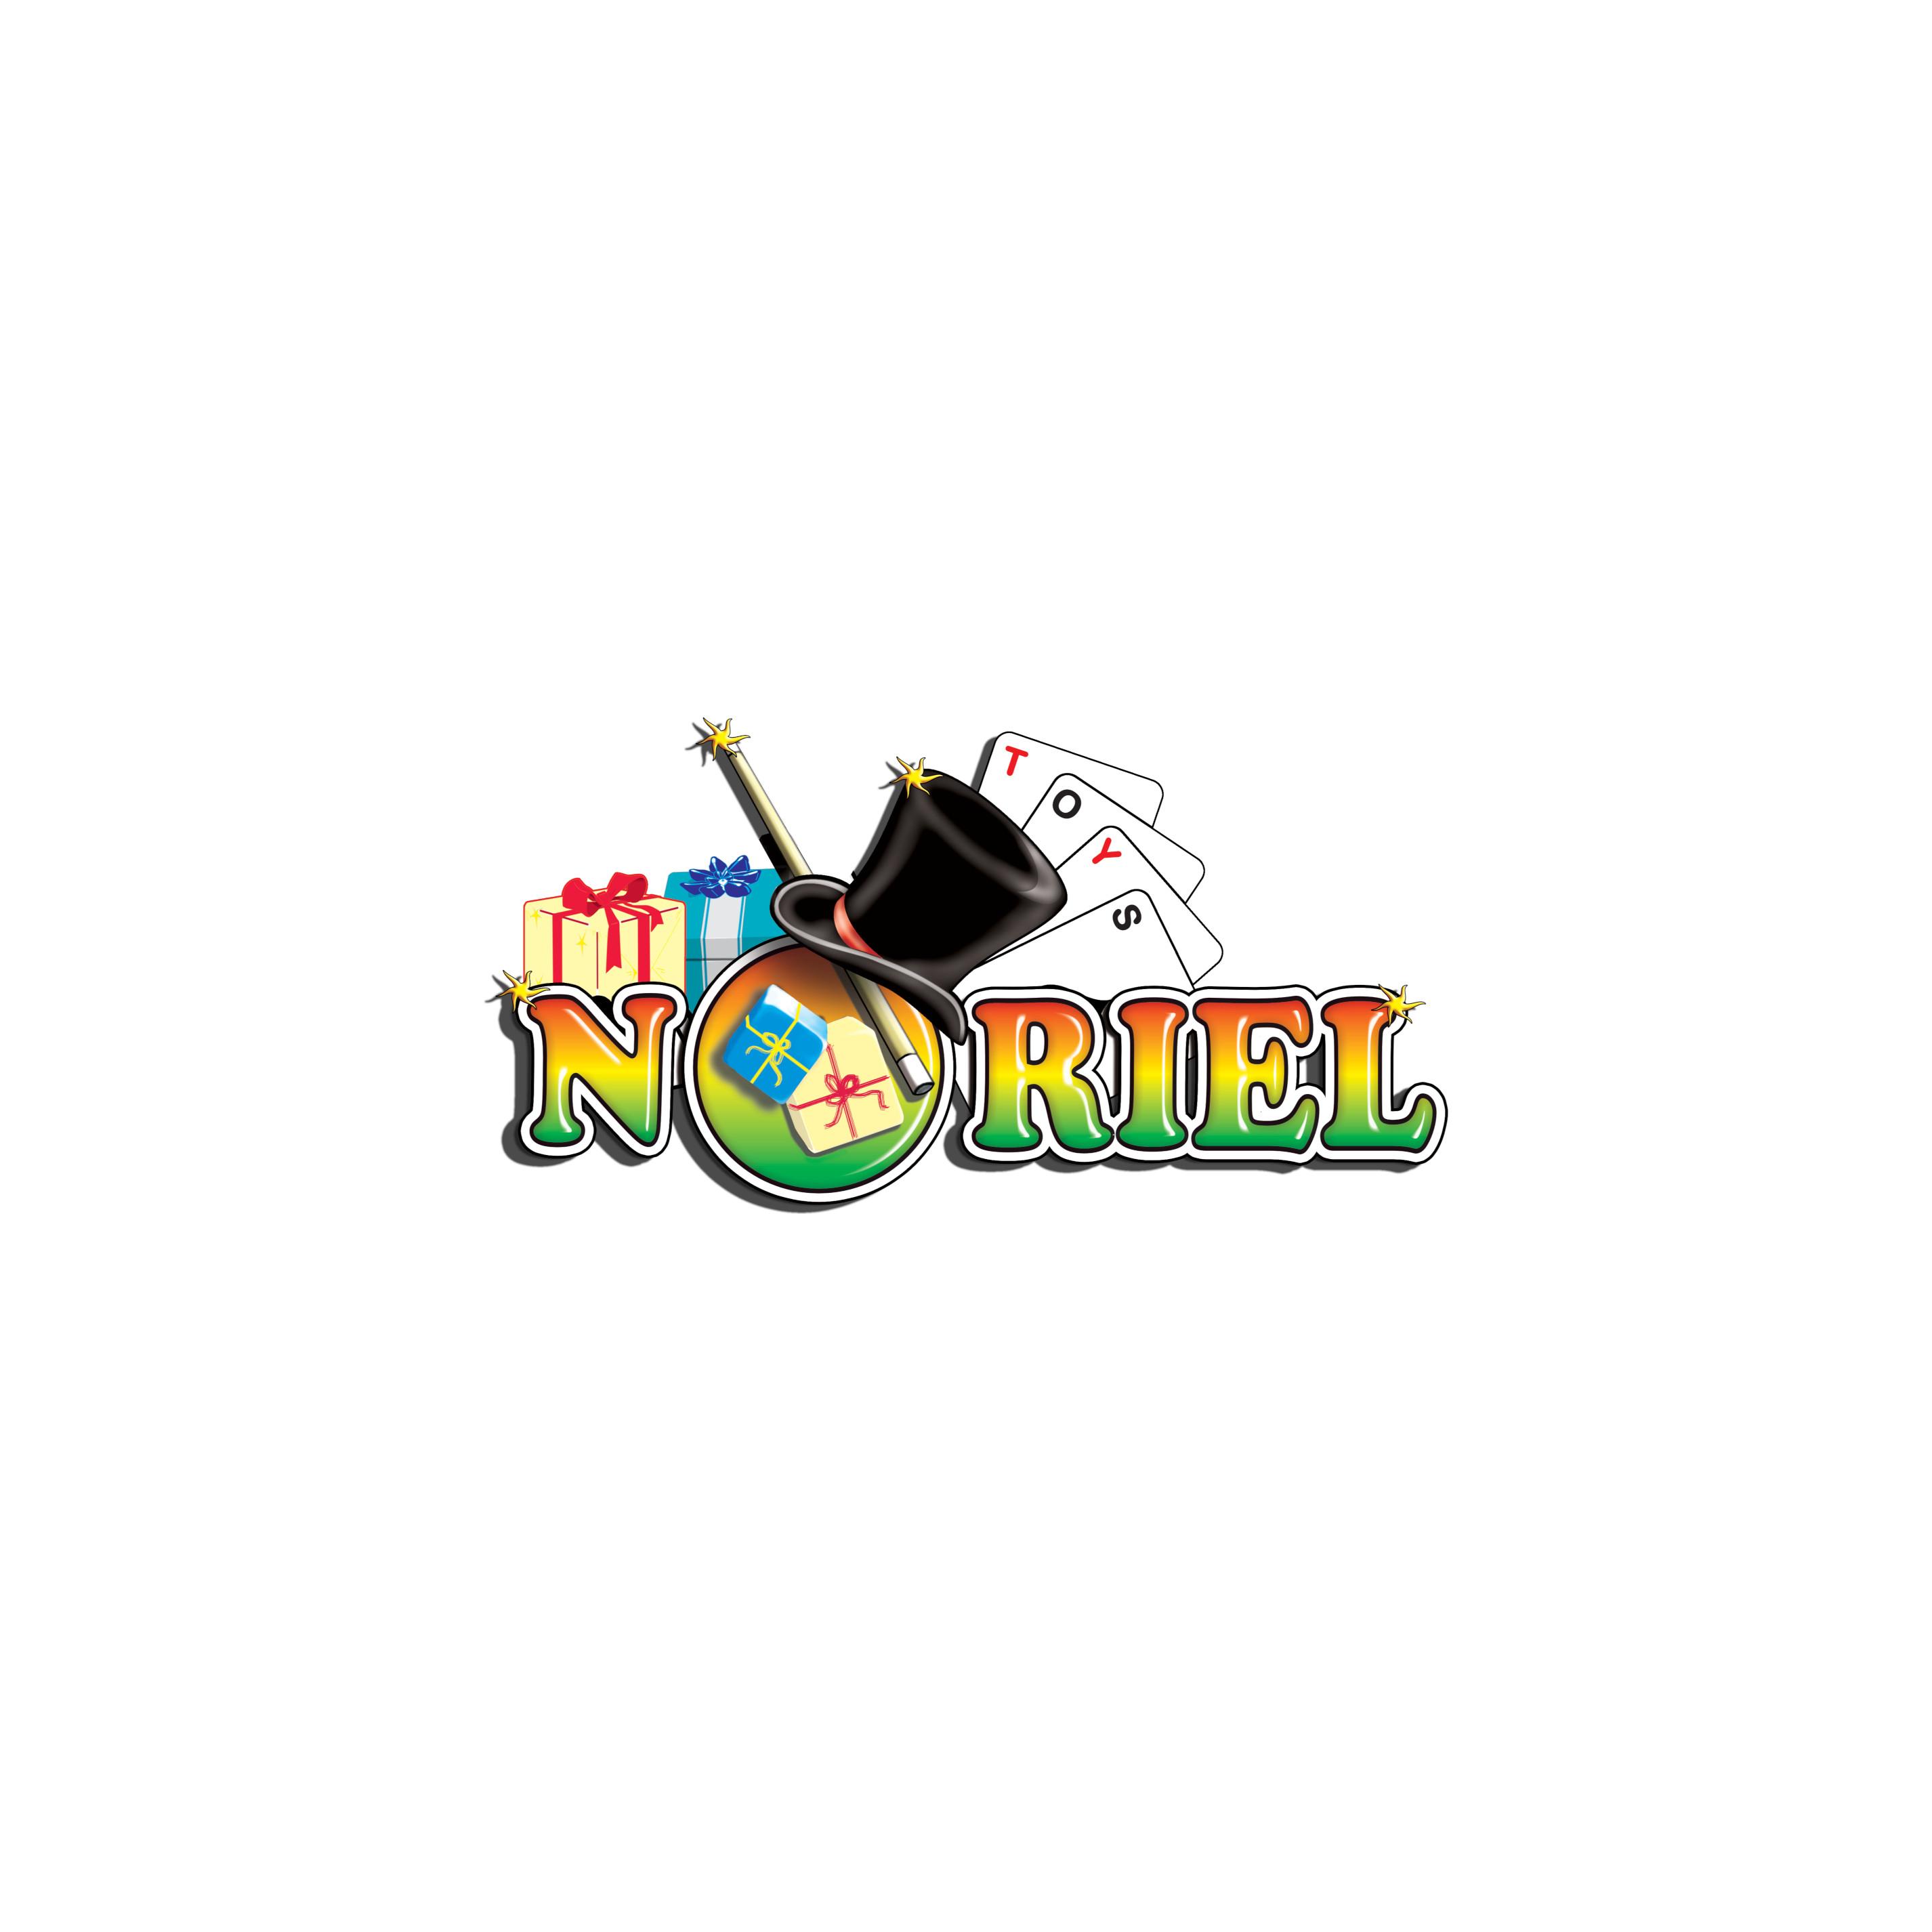 Figurine Littlest Pet Shop Rainbow - Animalute Teensie